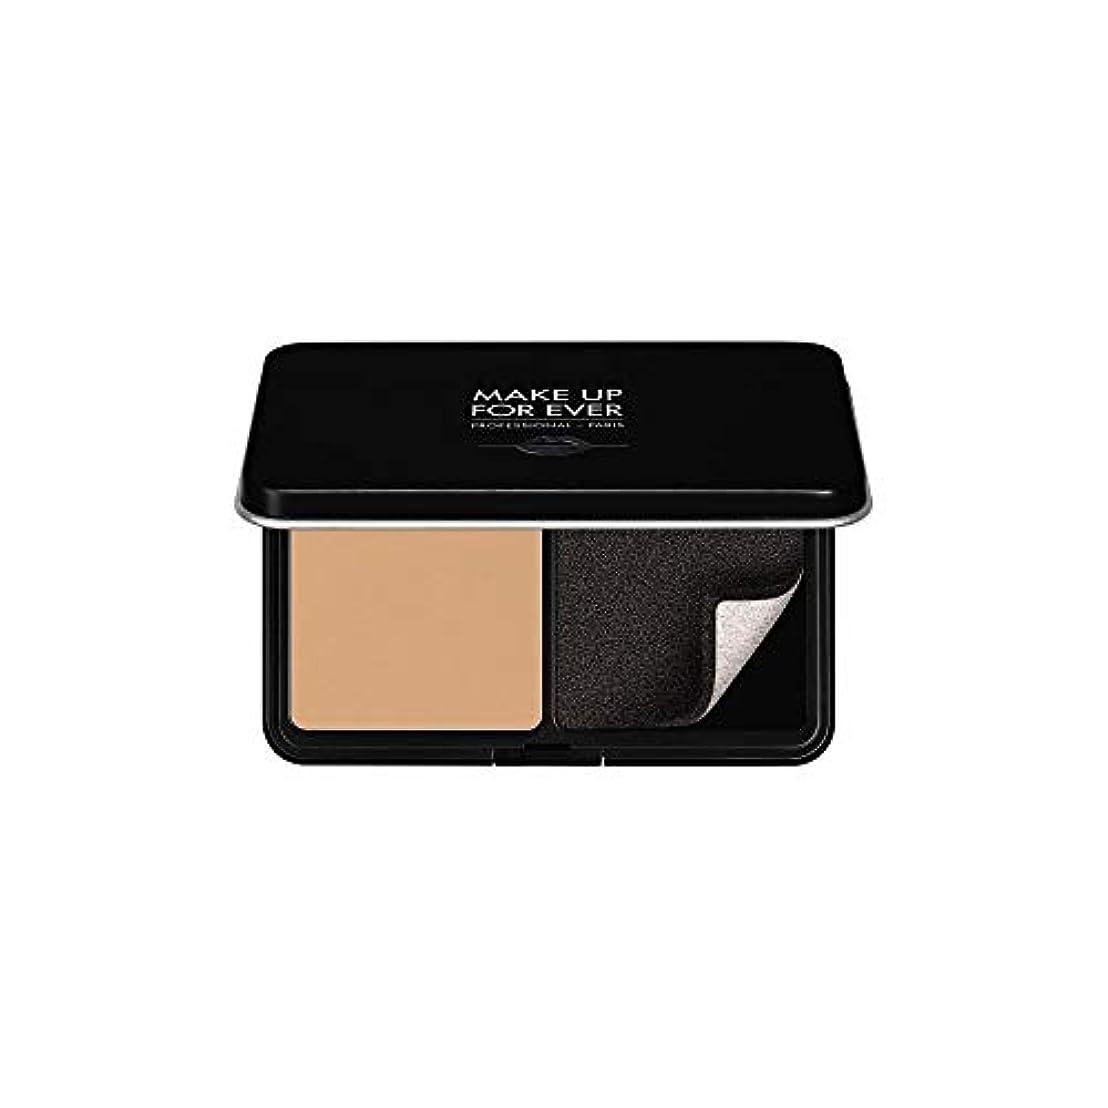 移行するウォルターカニンガム類人猿メイクアップフォーエバー Matte Velvet Skin Blurring Powder Foundation - # Y355 (Neutral Beige) 11g/0.38oz並行輸入品